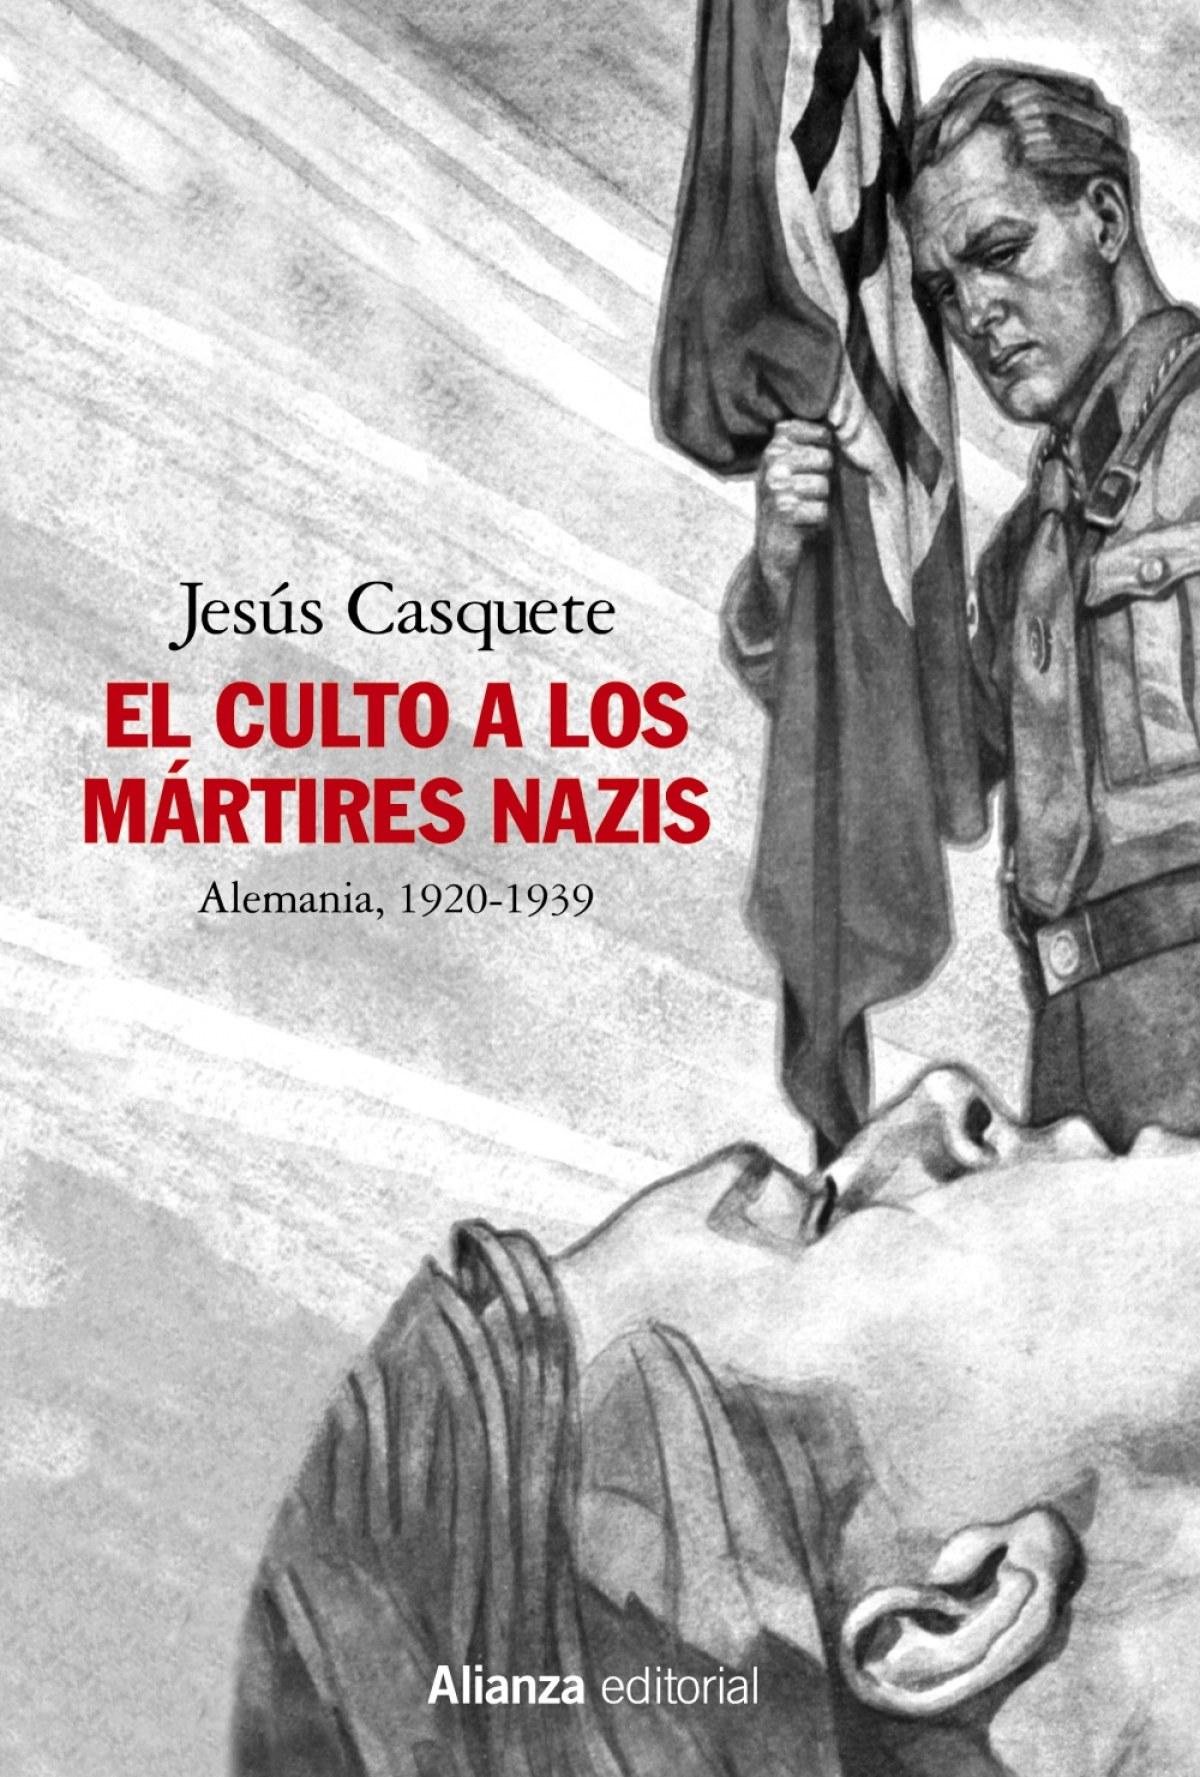 El culto a los mártires nazis 9788491819462